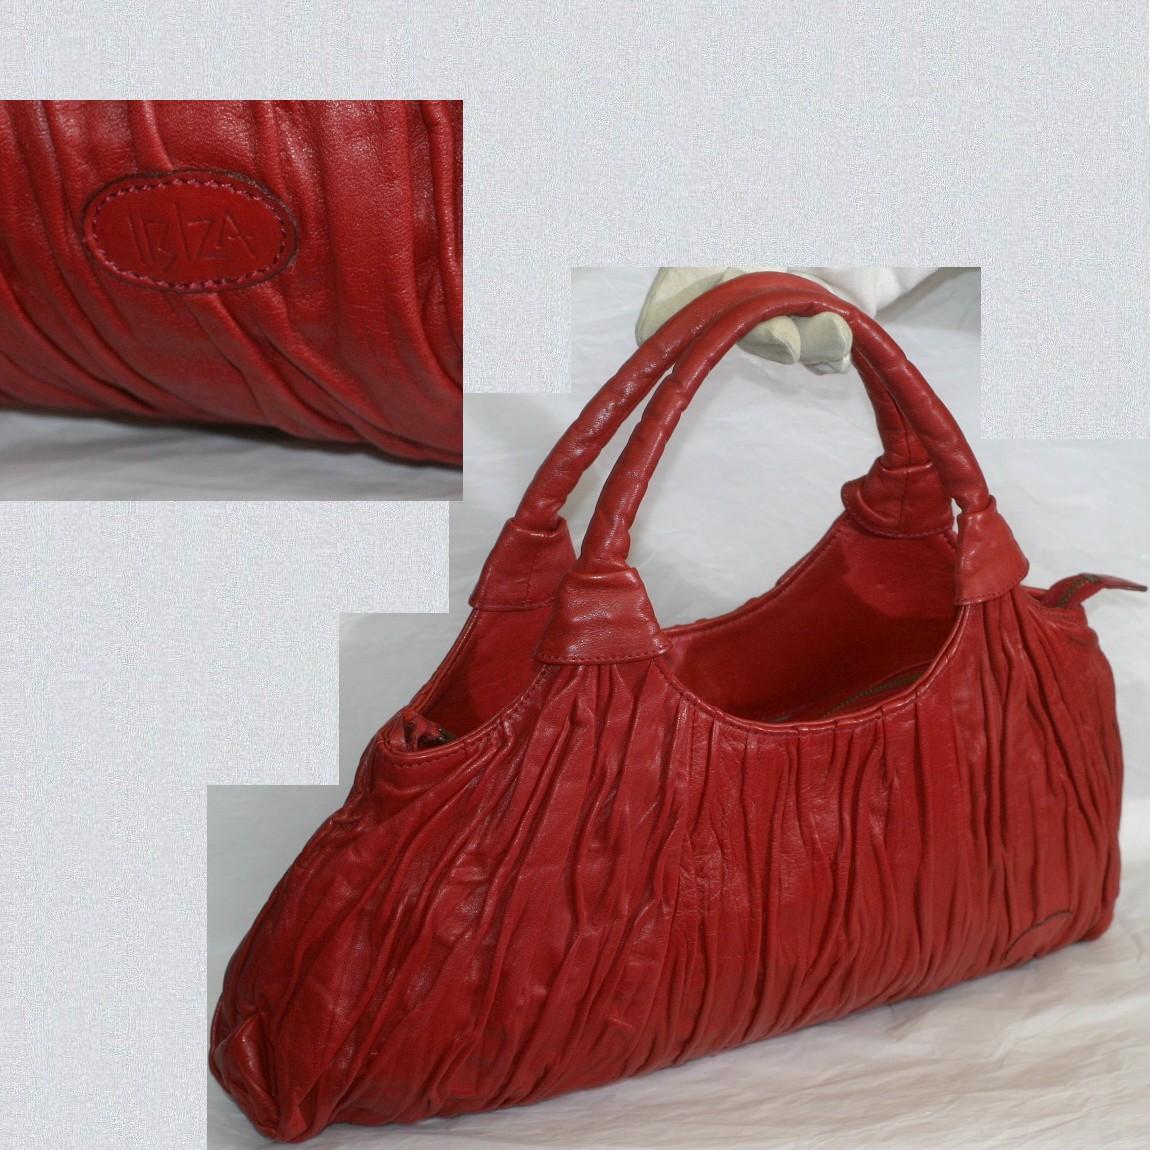 【中古】本物綺麗でお洒落な作りイビザ女性用赤い柔らかい革素材トートバッグ サイズW42H24D6cm